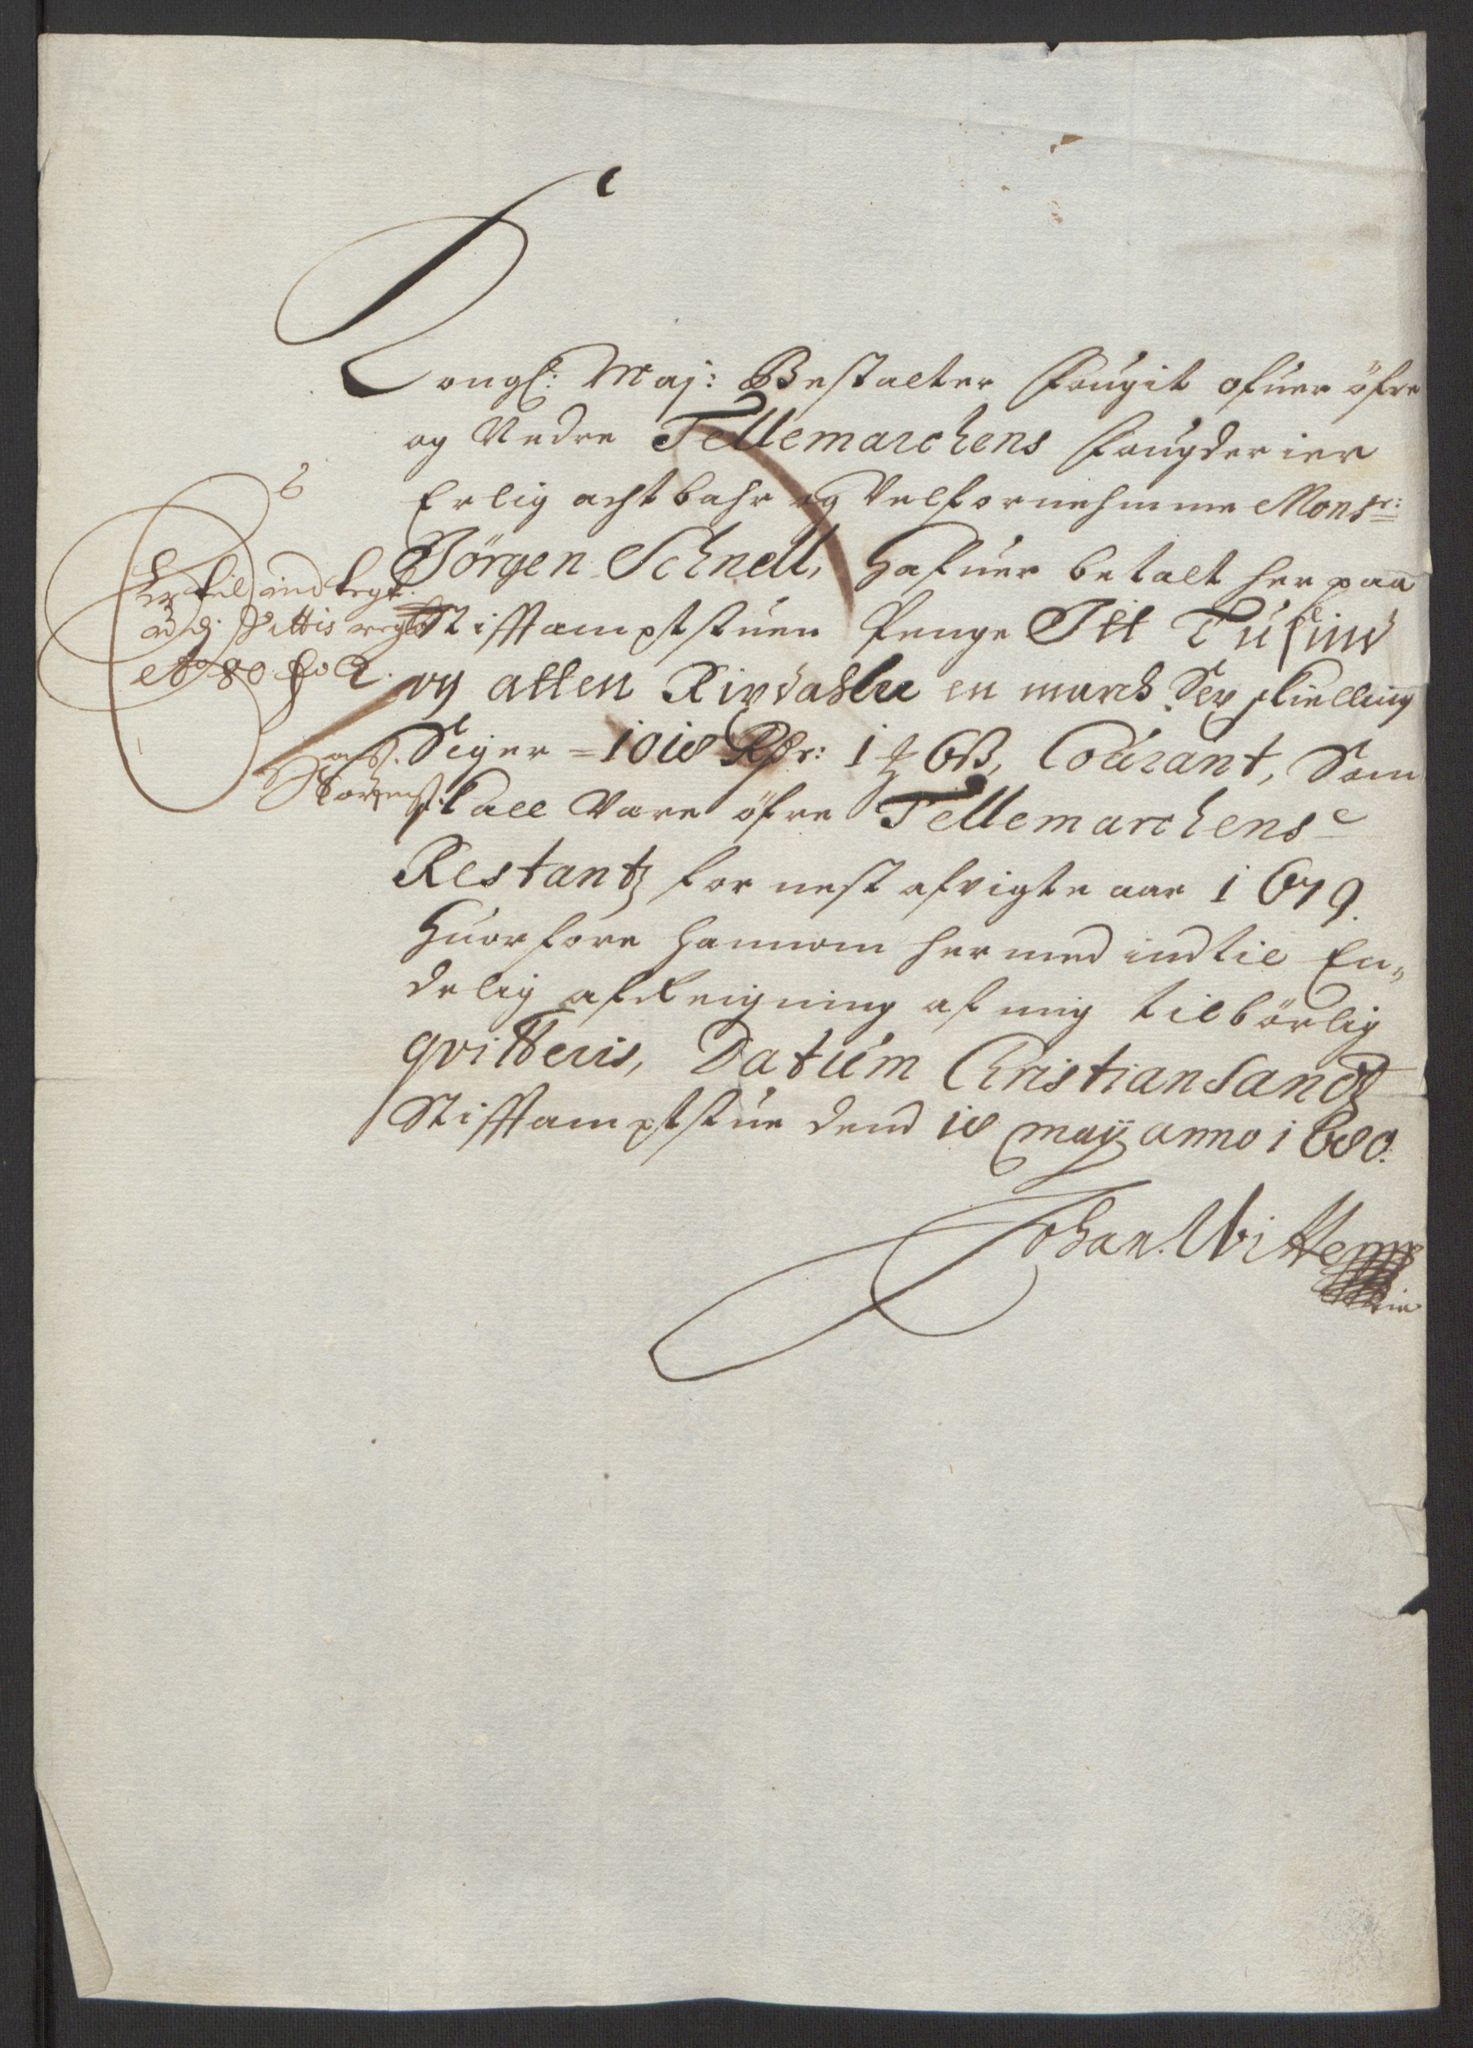 RA, Rentekammeret inntil 1814, Reviderte regnskaper, Fogderegnskap, R35/L2081: Fogderegnskap Øvre og Nedre Telemark, 1680-1684, s. 344